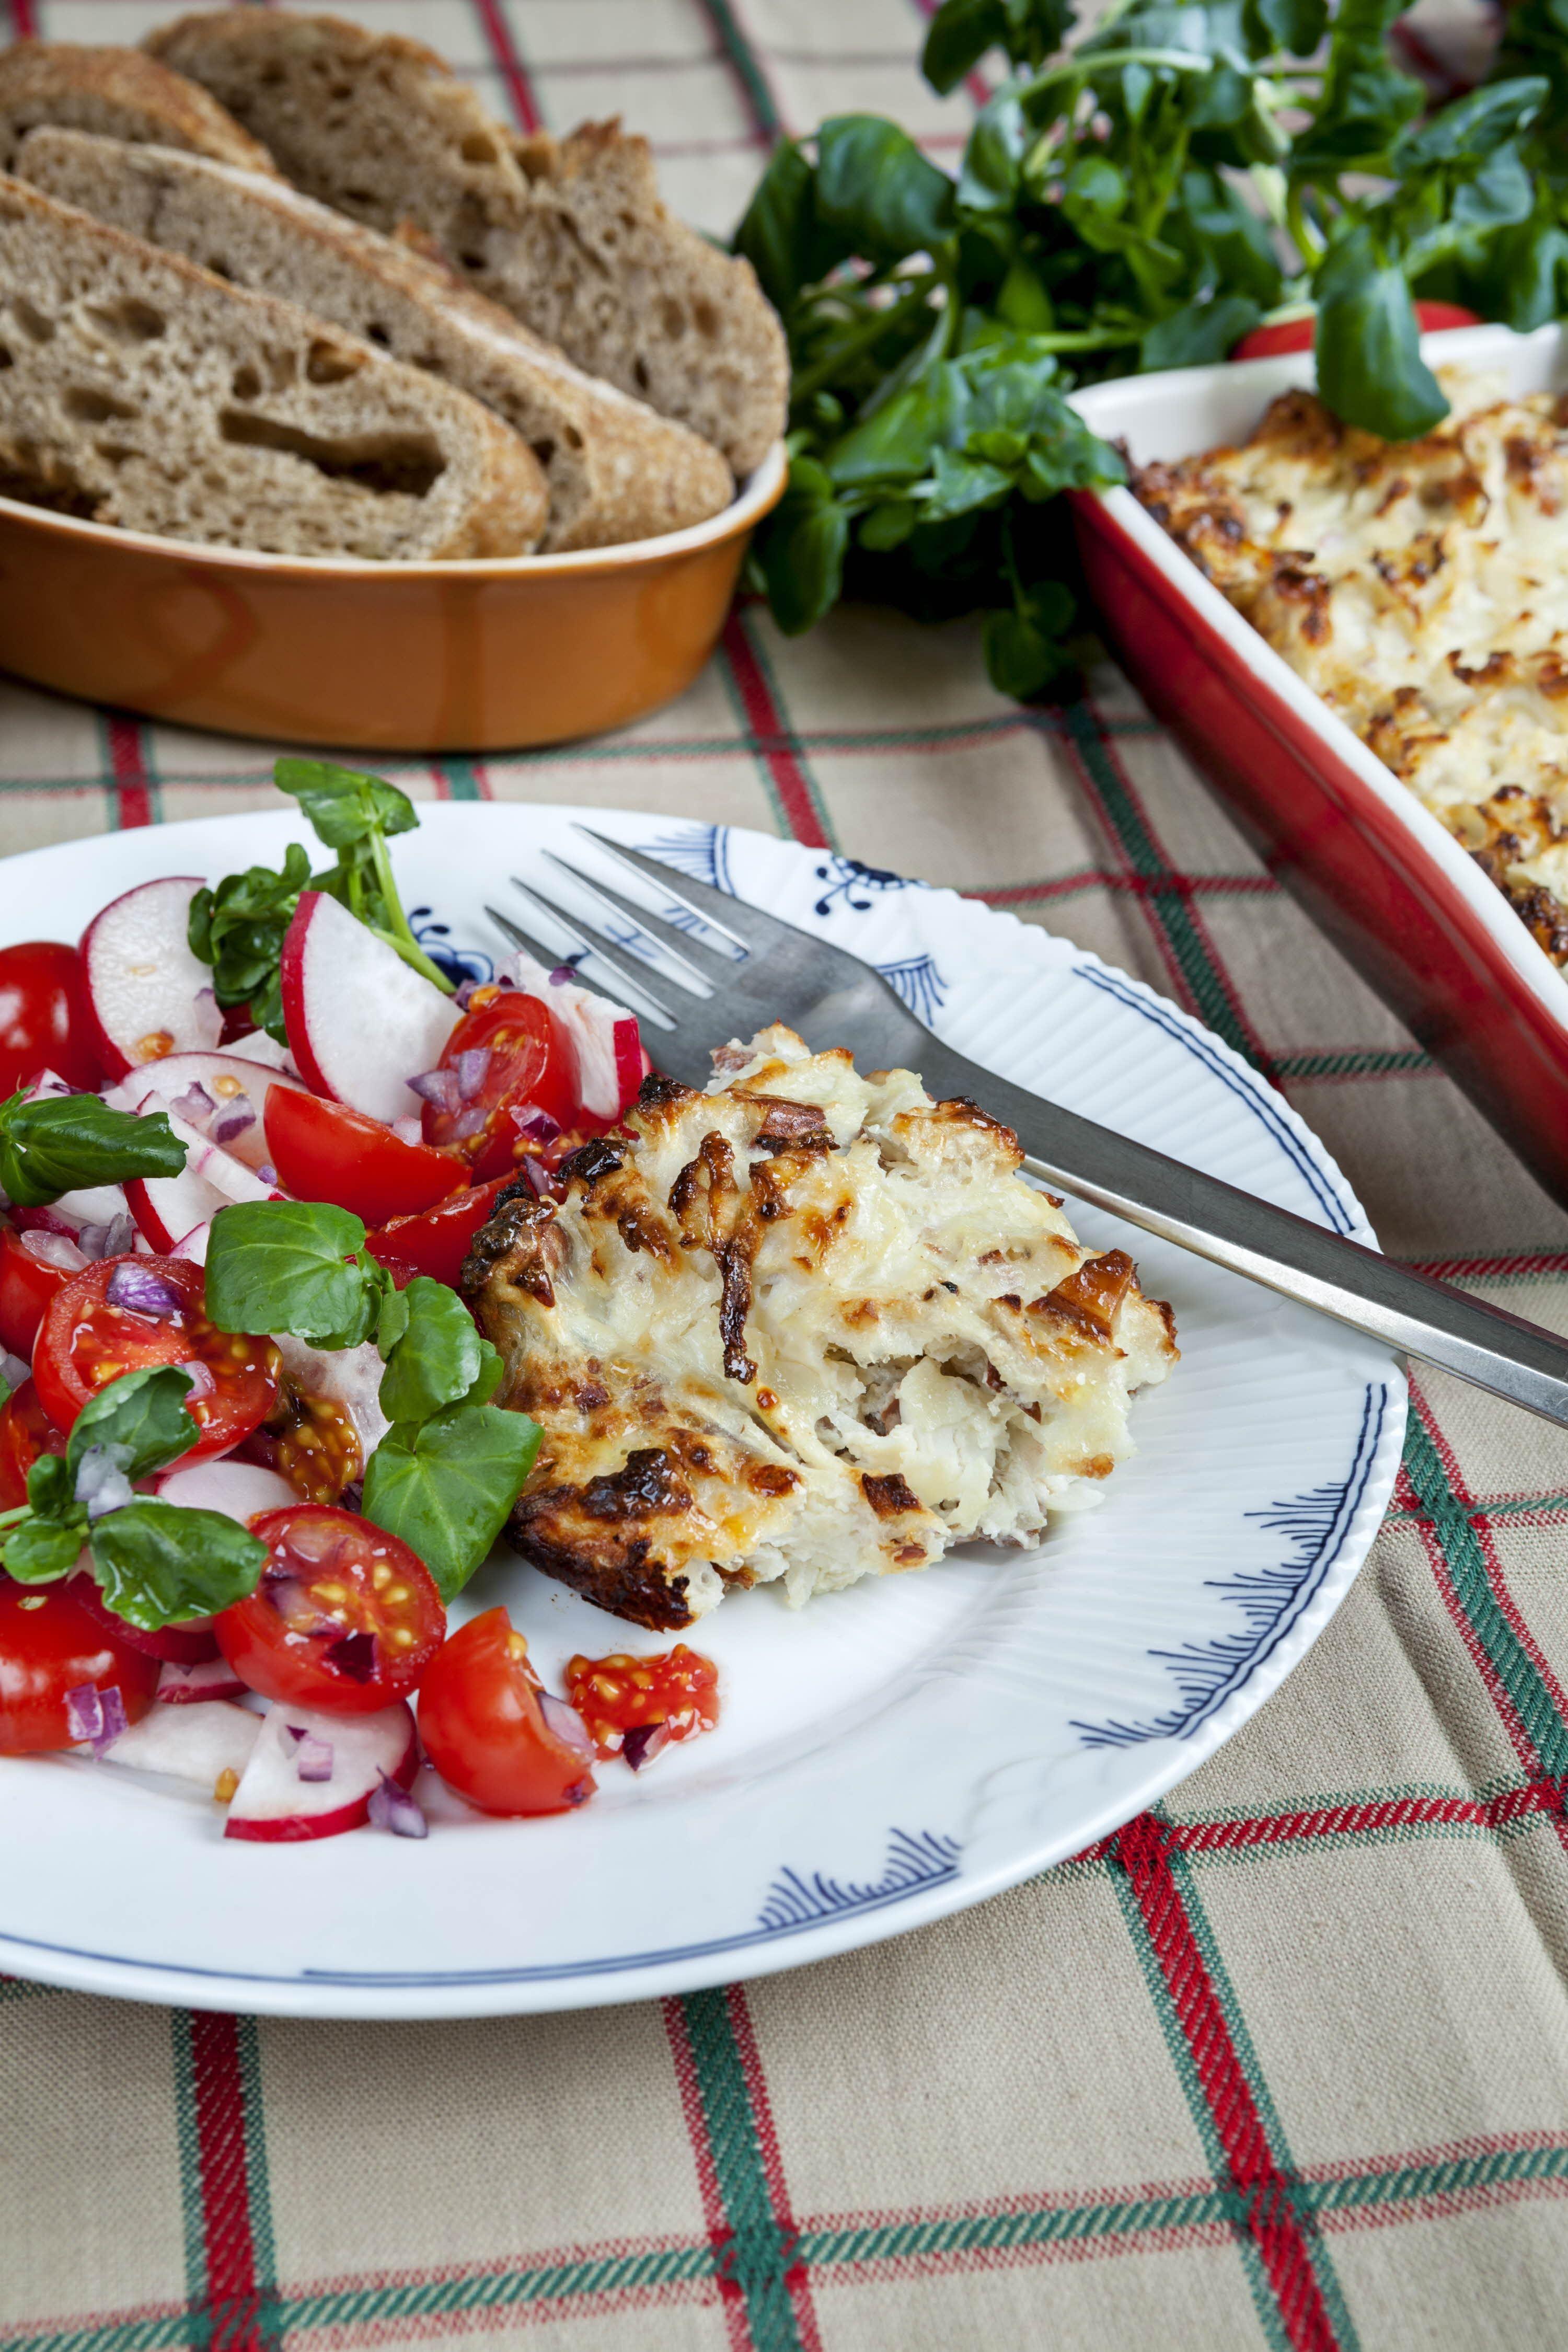 Hytteostpostej og tomatsalat med radiser